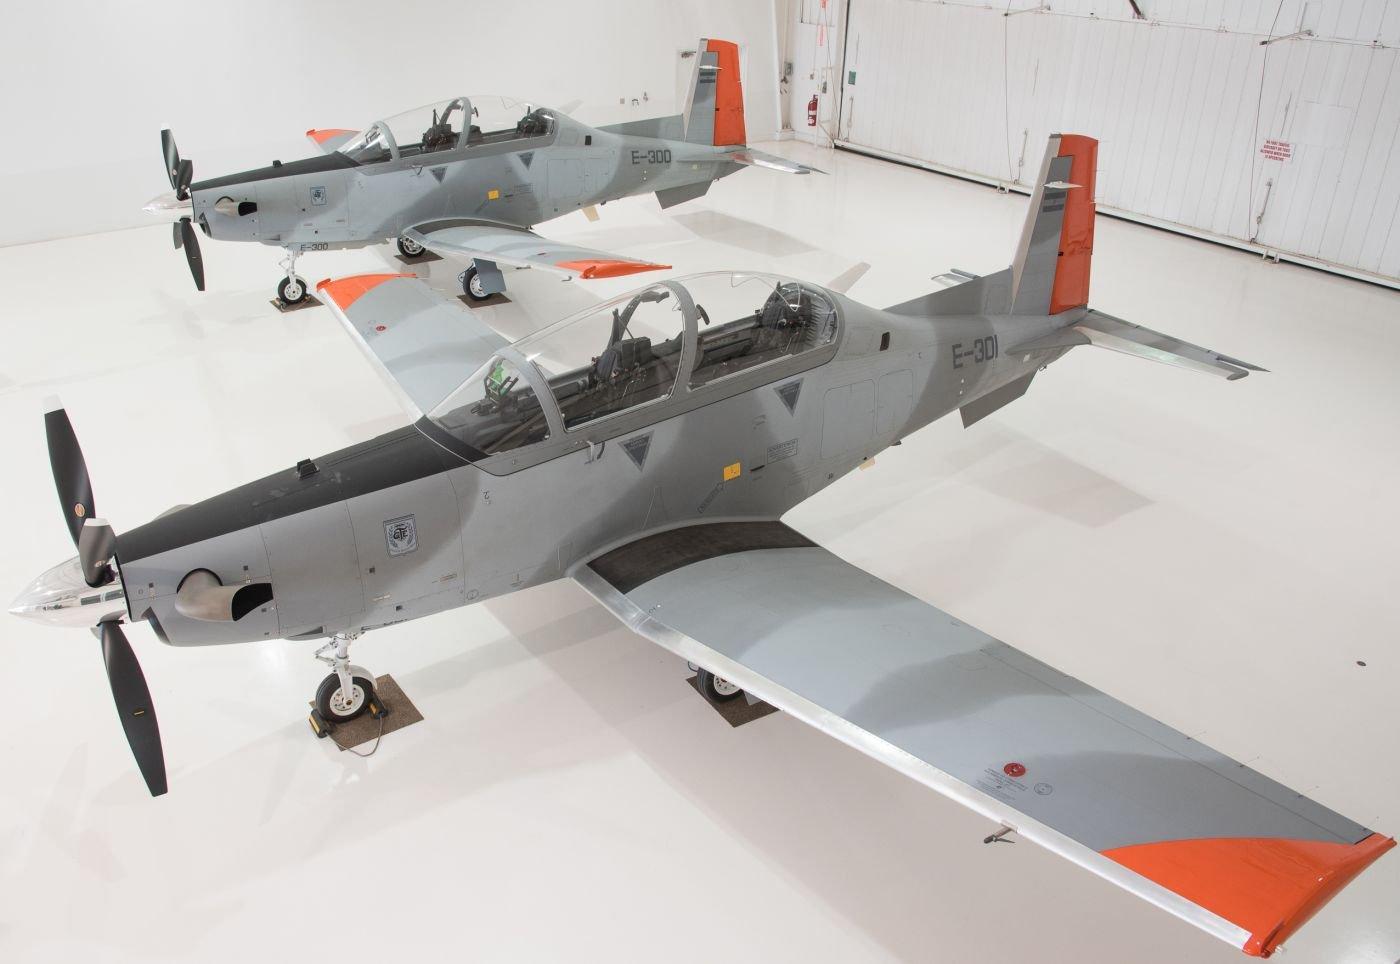 Argentine Air Force Modernizes its Aircraft Fleet